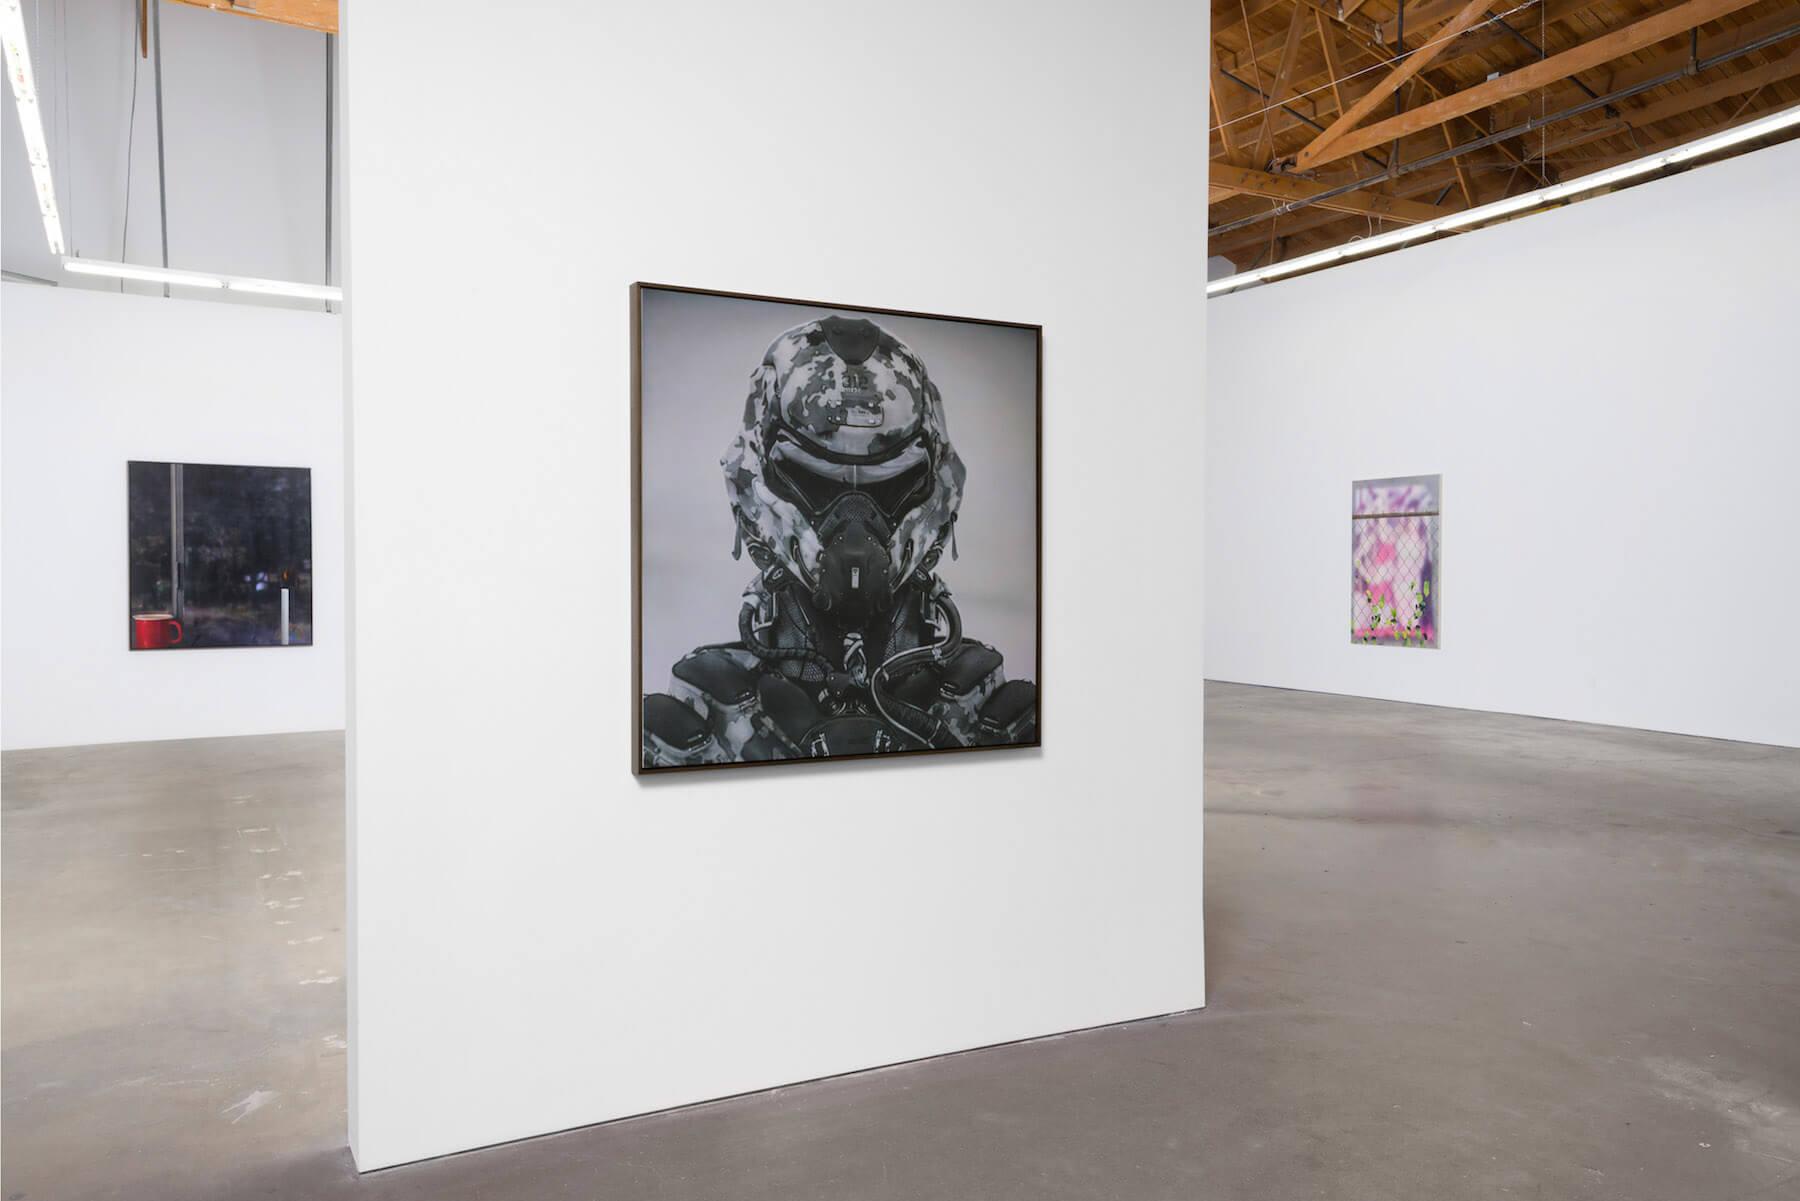 10_Sayre Gomez, installation view, Ghebaly Gallery